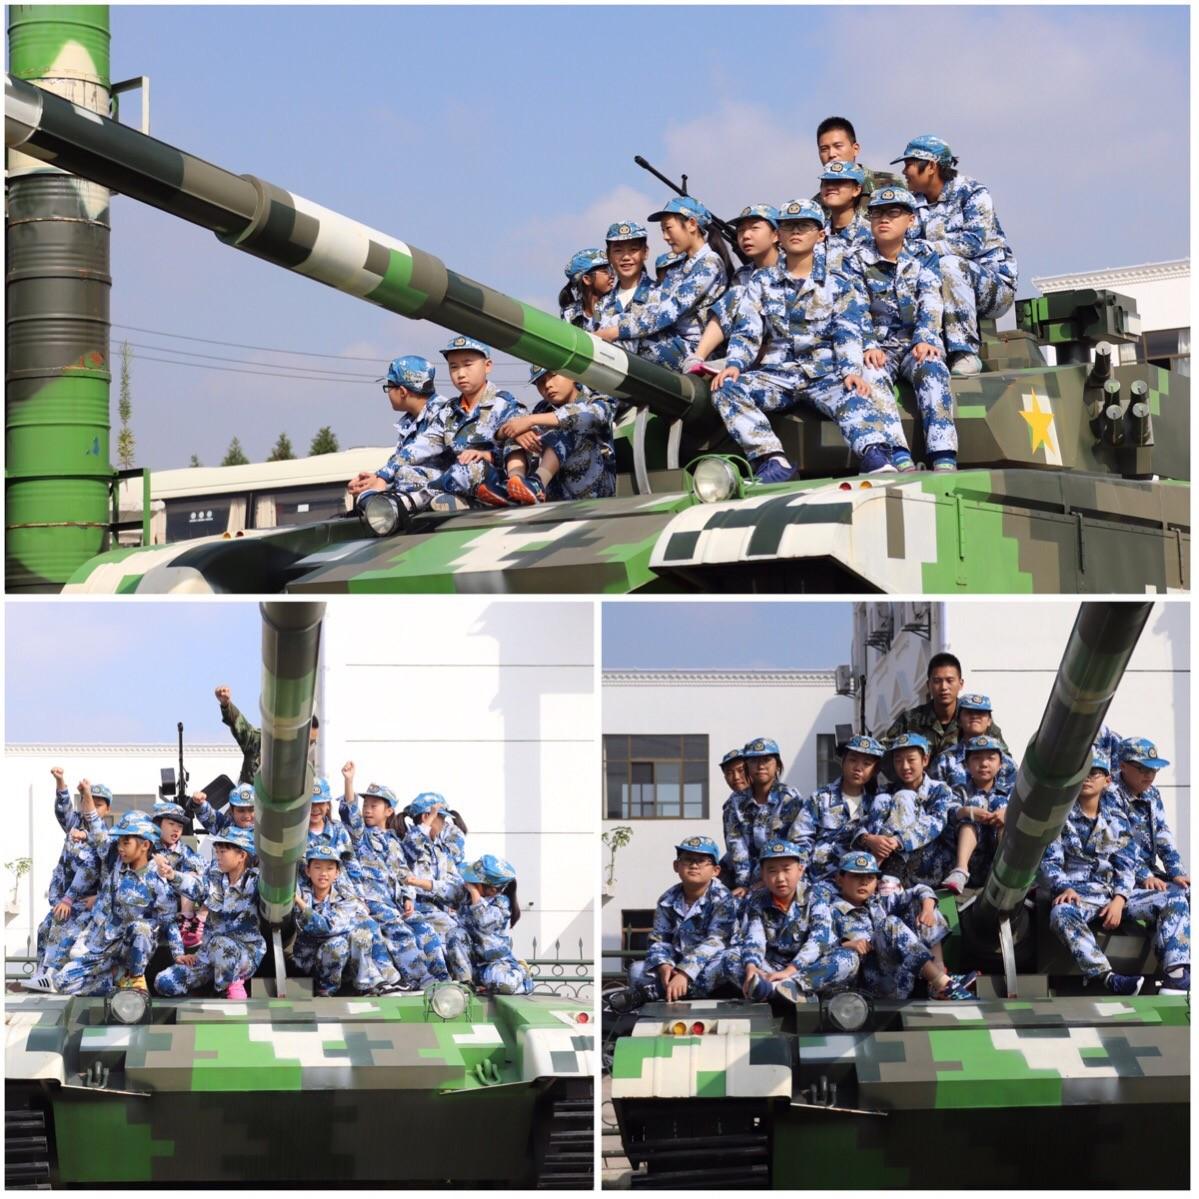 军事训练营_智慧教育和1+学堂青少年军事训练营开始报名啦_微信h5